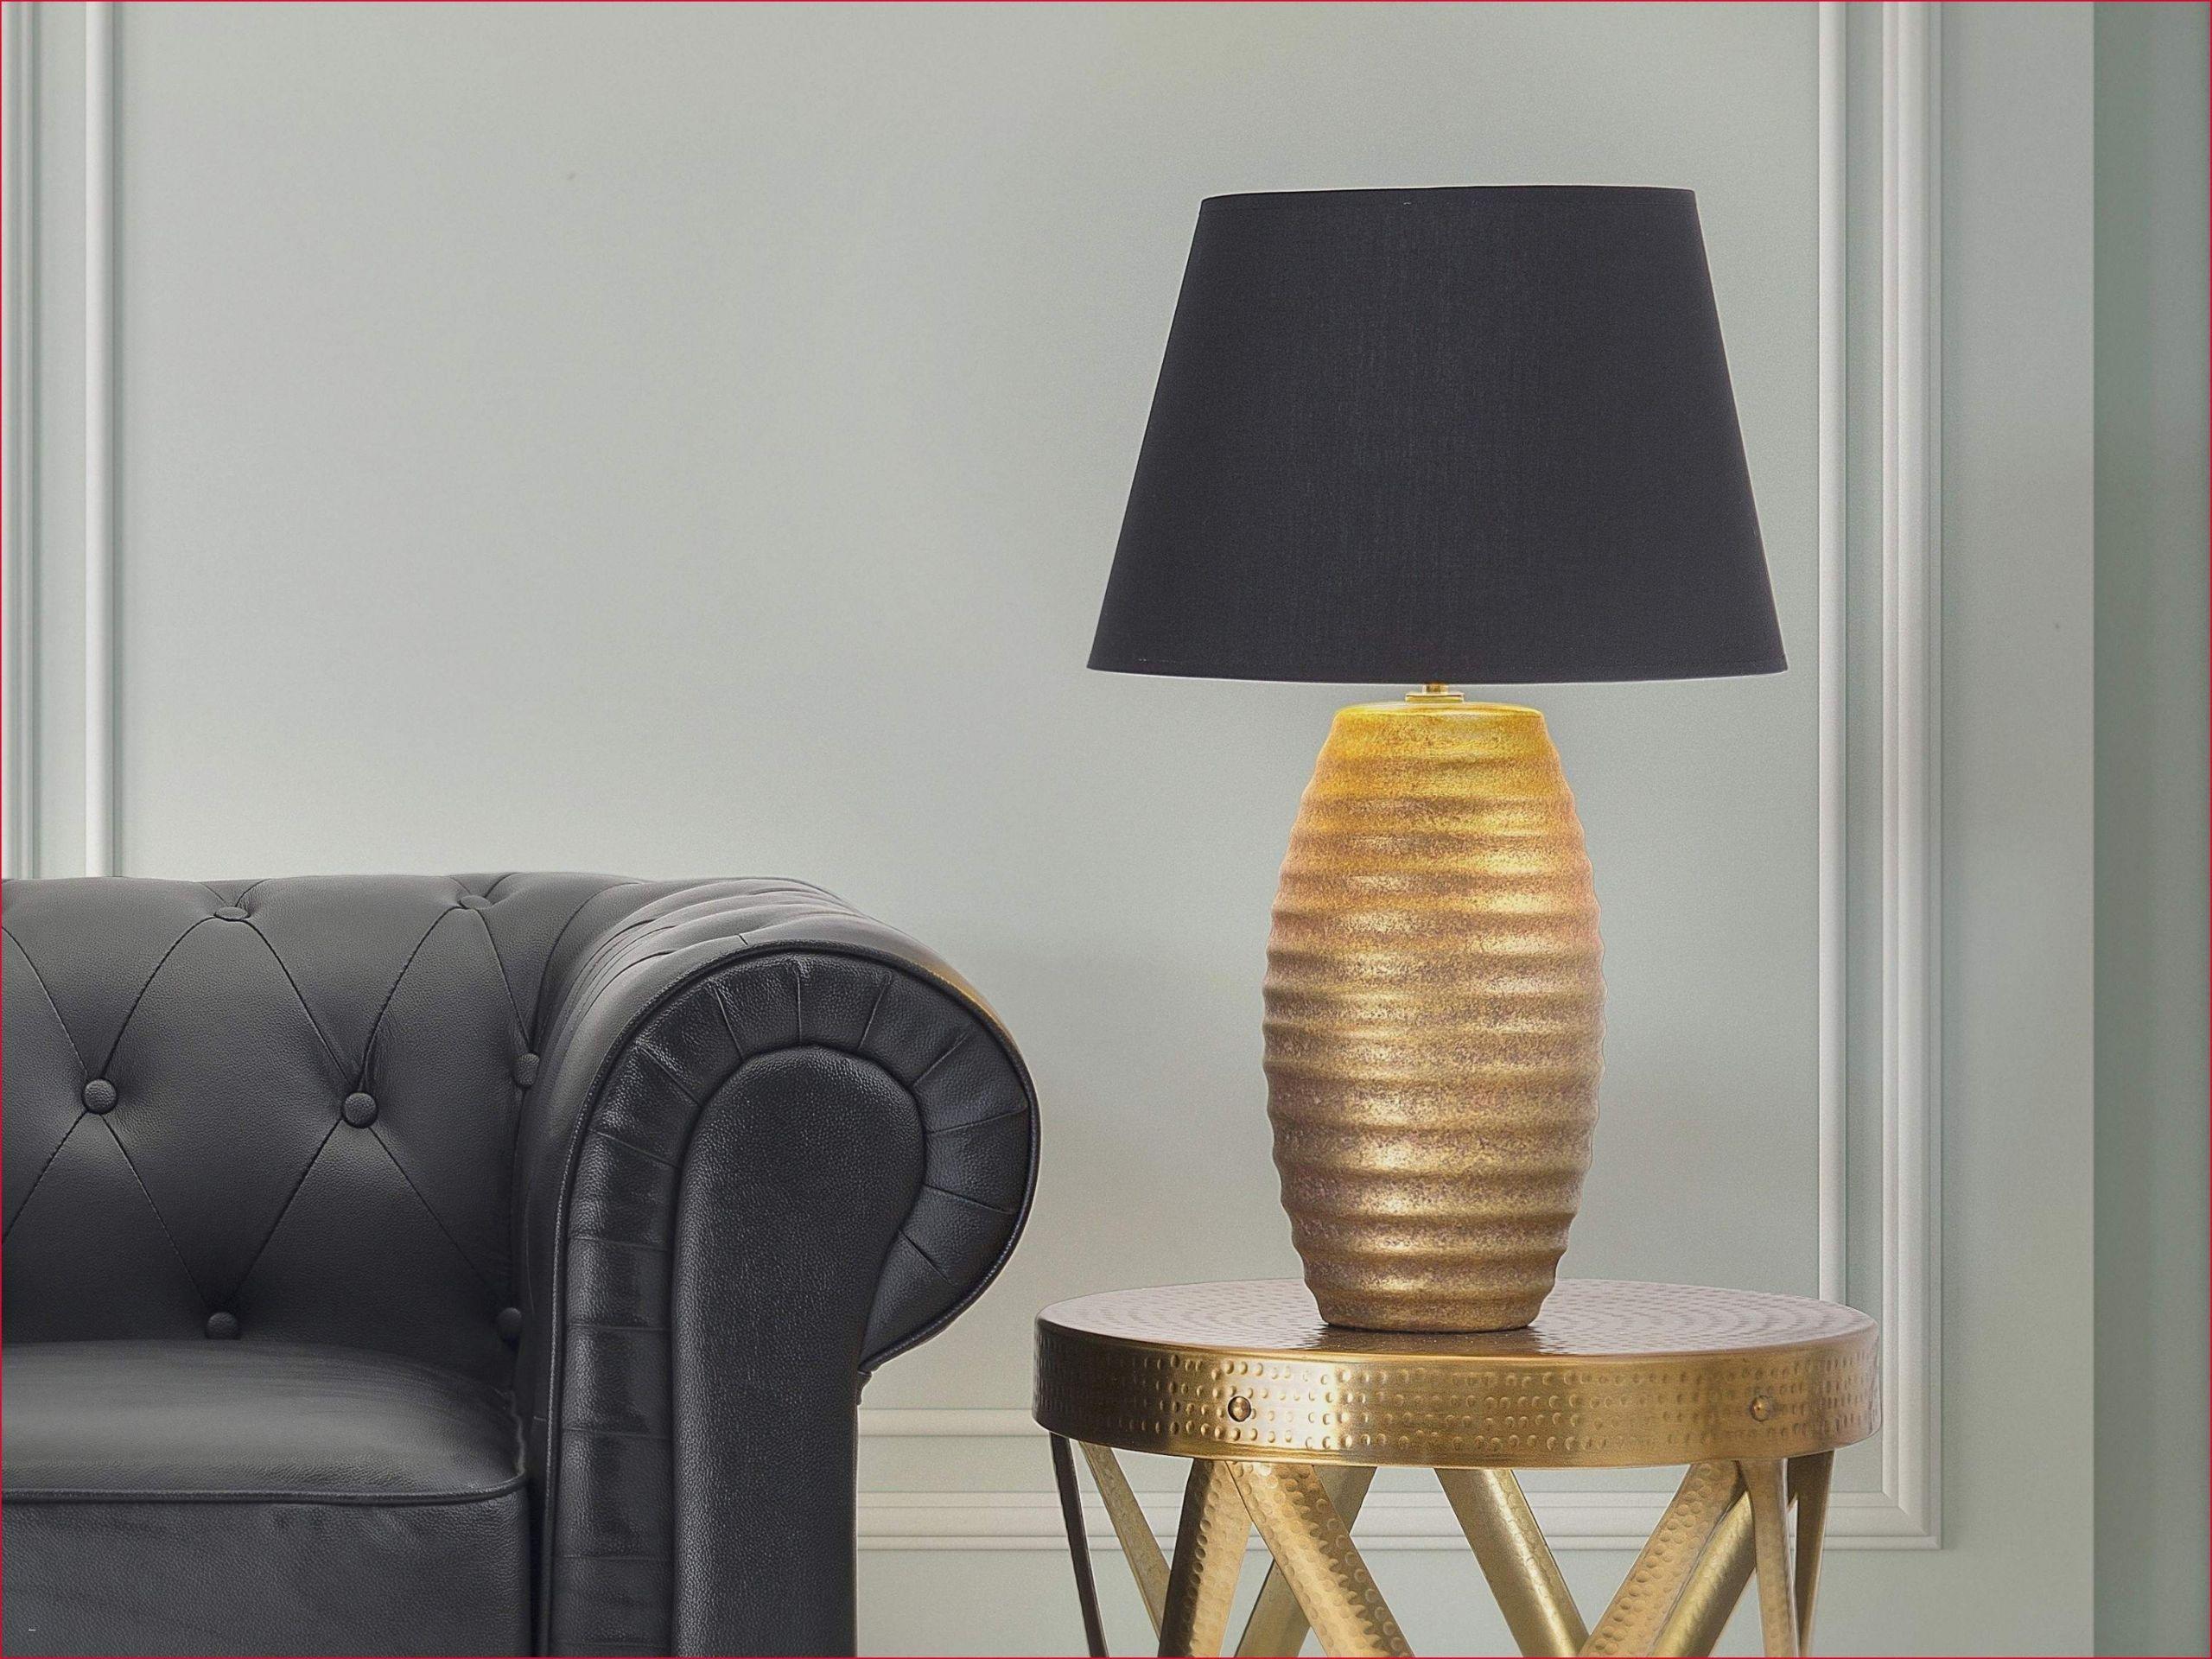 led leuchten wohnzimmer schon schon licht lampe sammlung von lampe idee lampe ideen of led leuchten wohnzimmer